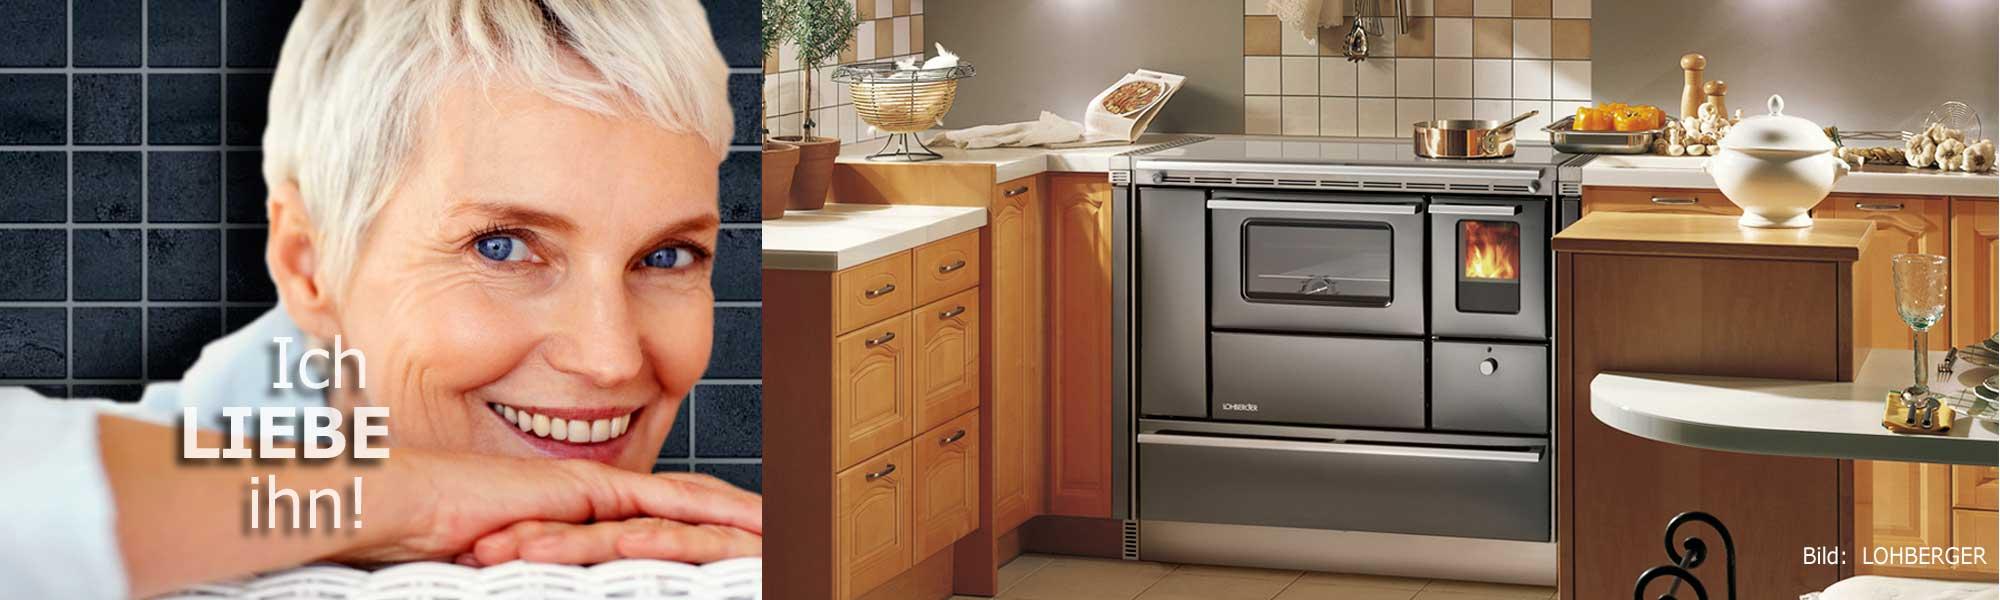 fellner herde und holz fen zum kochen und heizen. Black Bedroom Furniture Sets. Home Design Ideas